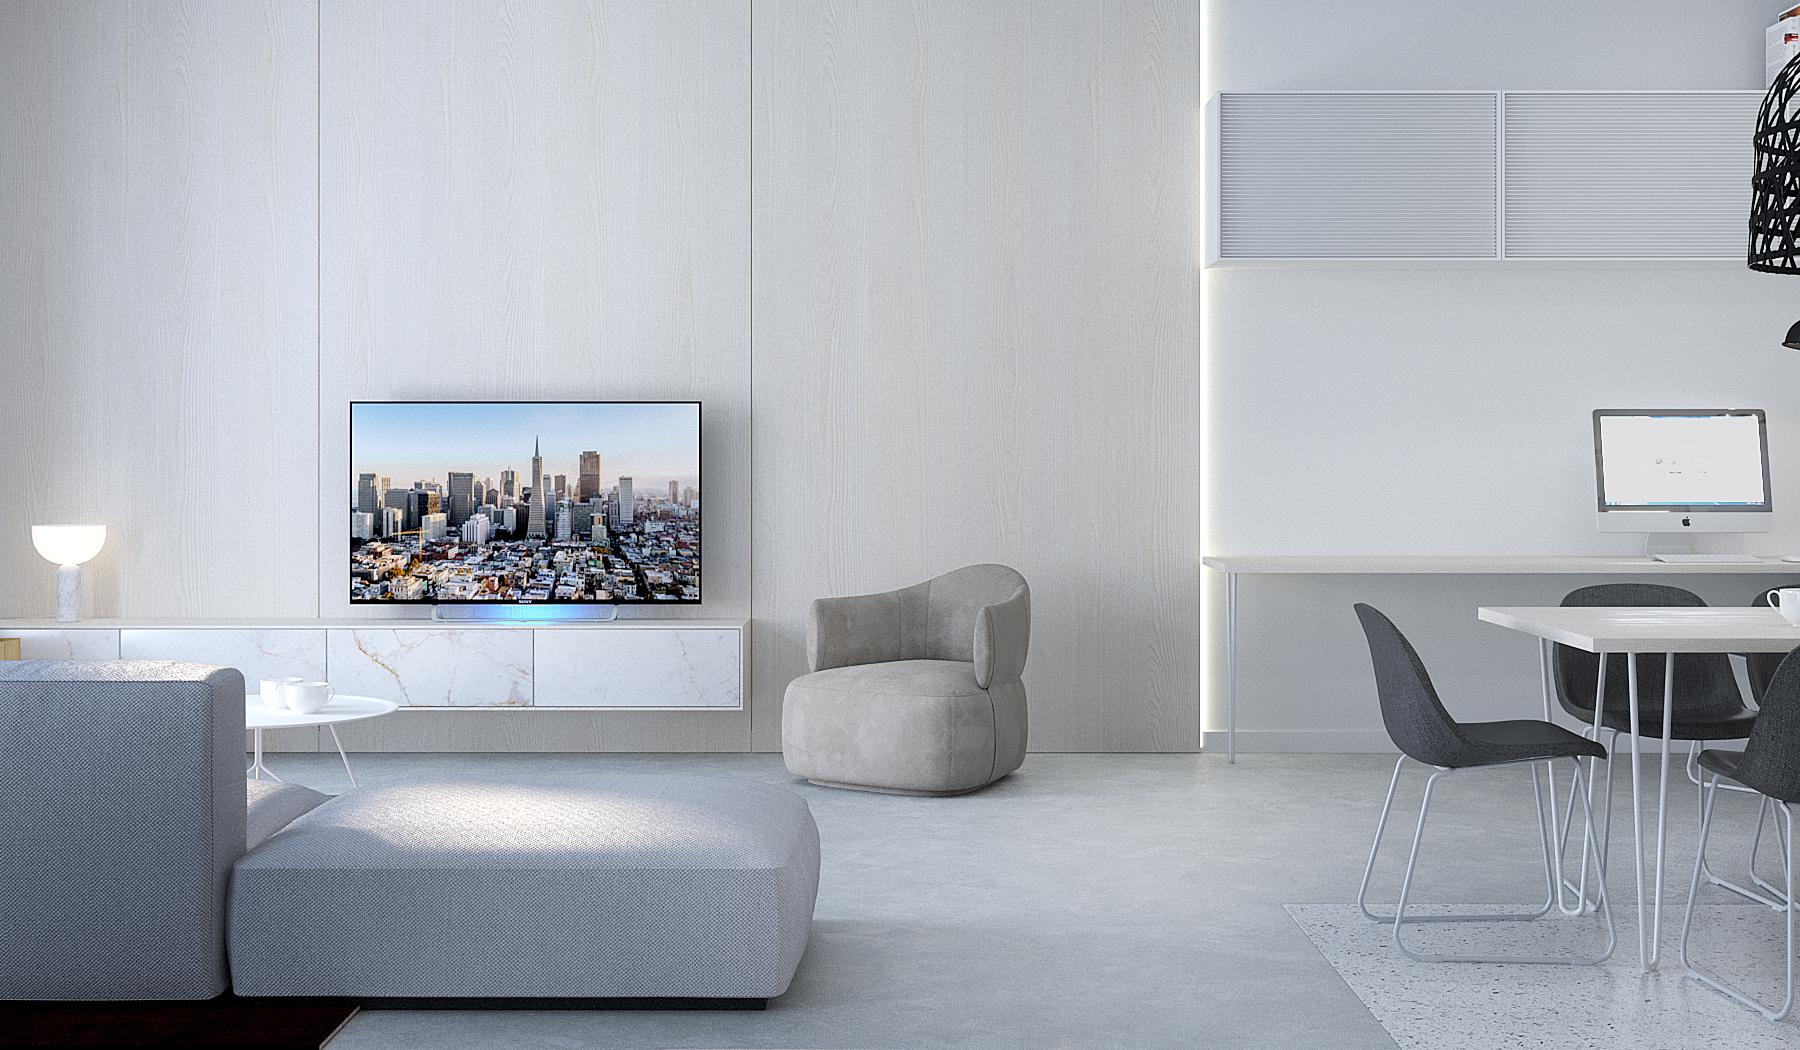 3 projektowanie wnetrz M245 mieszkanie krakow salon betonowa posadzka szara sofa drewno na scianie stanowisko pracy w domu